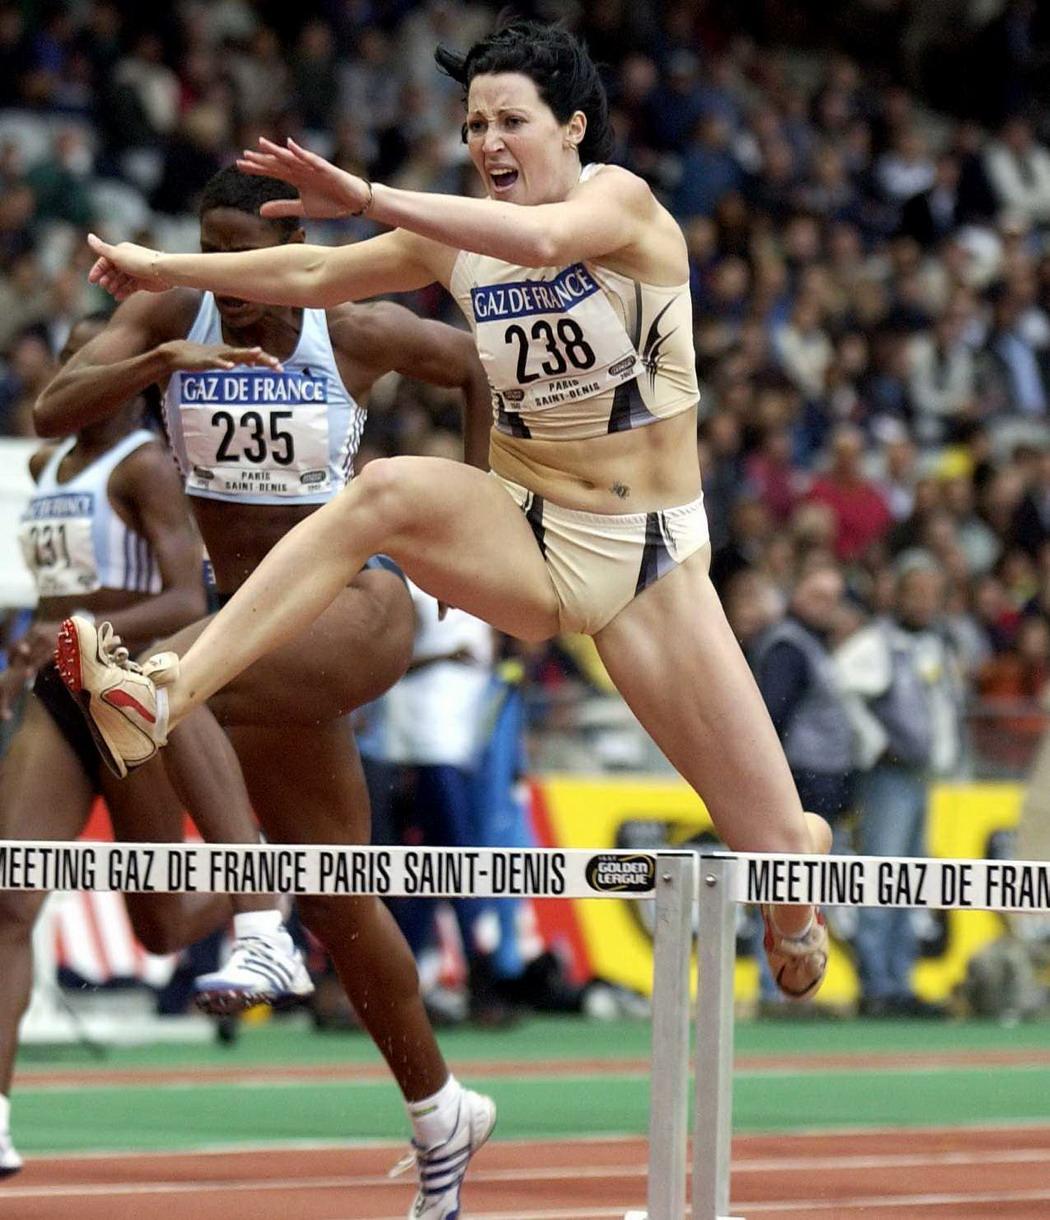 Эротические моменти в спорте 15 фотография